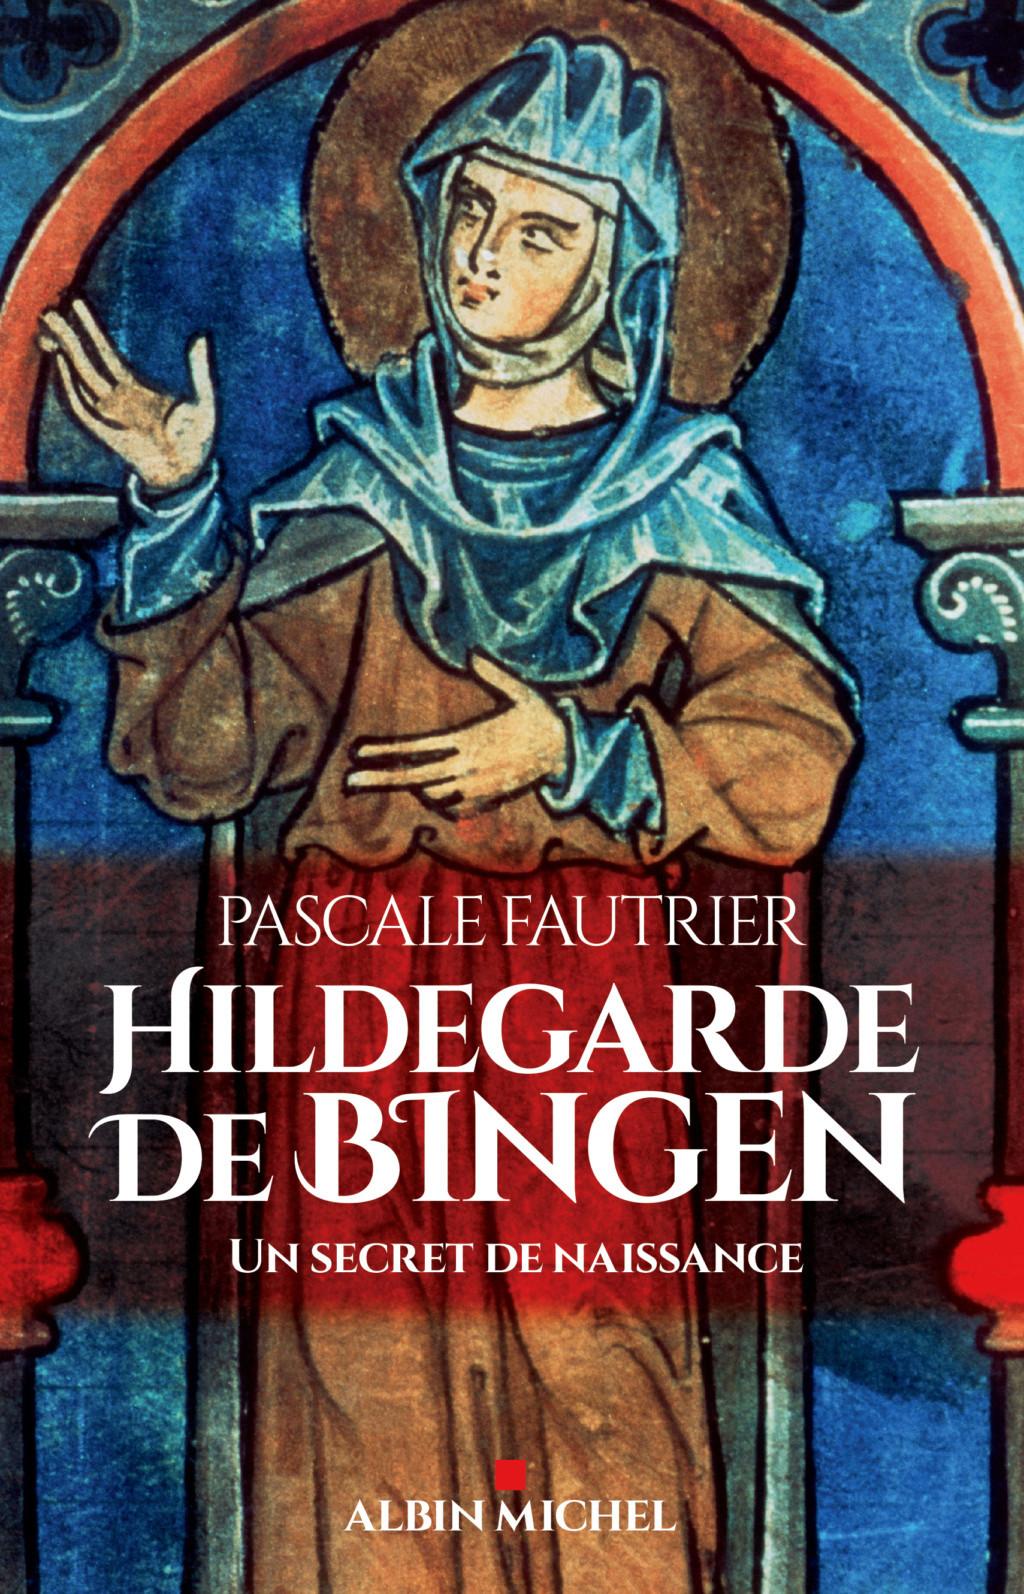 Pascale Fautrier  97822210